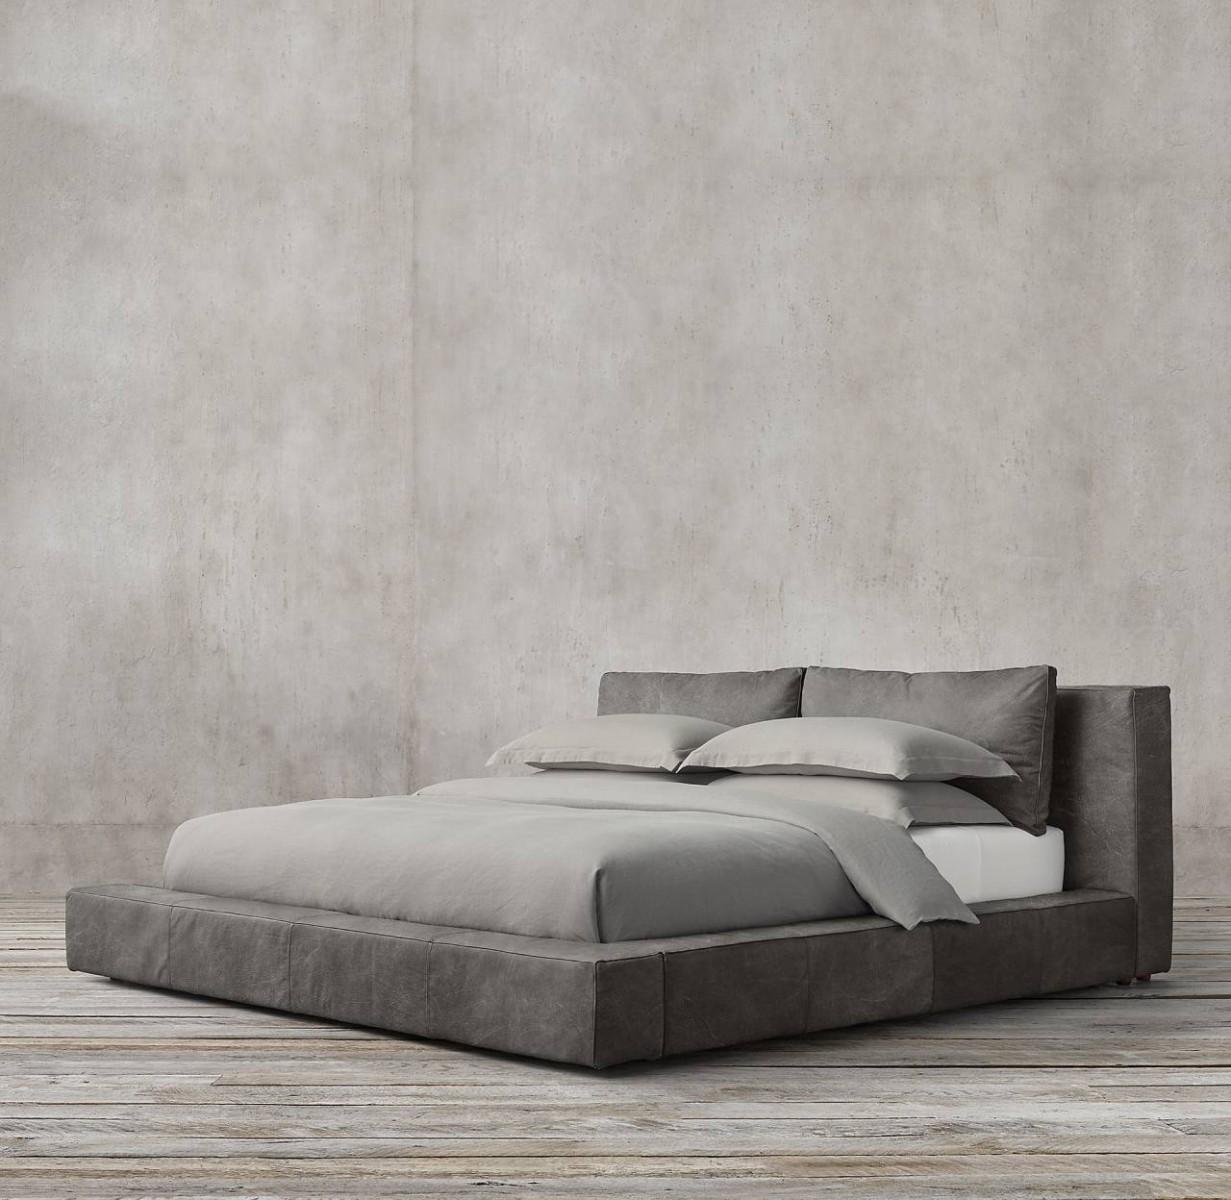 Как выбрать кровати с низкими изголовьями